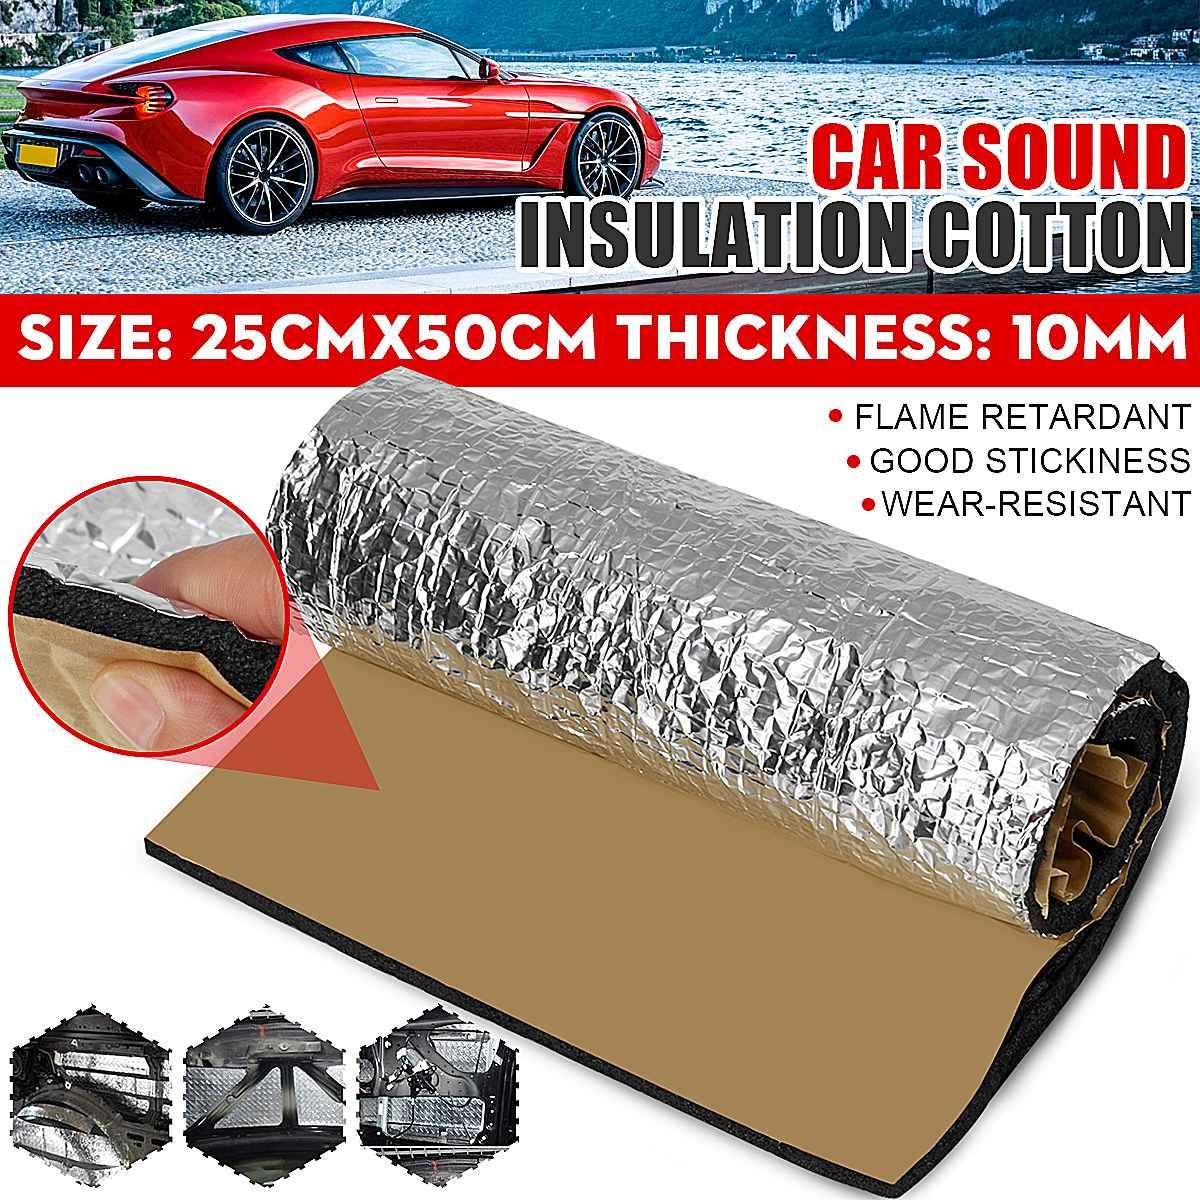 25x50 см автомобиль шумоизоляция хлопок звукоизоляция мат Шум изоляционный экран 10 мм Алюминий пены